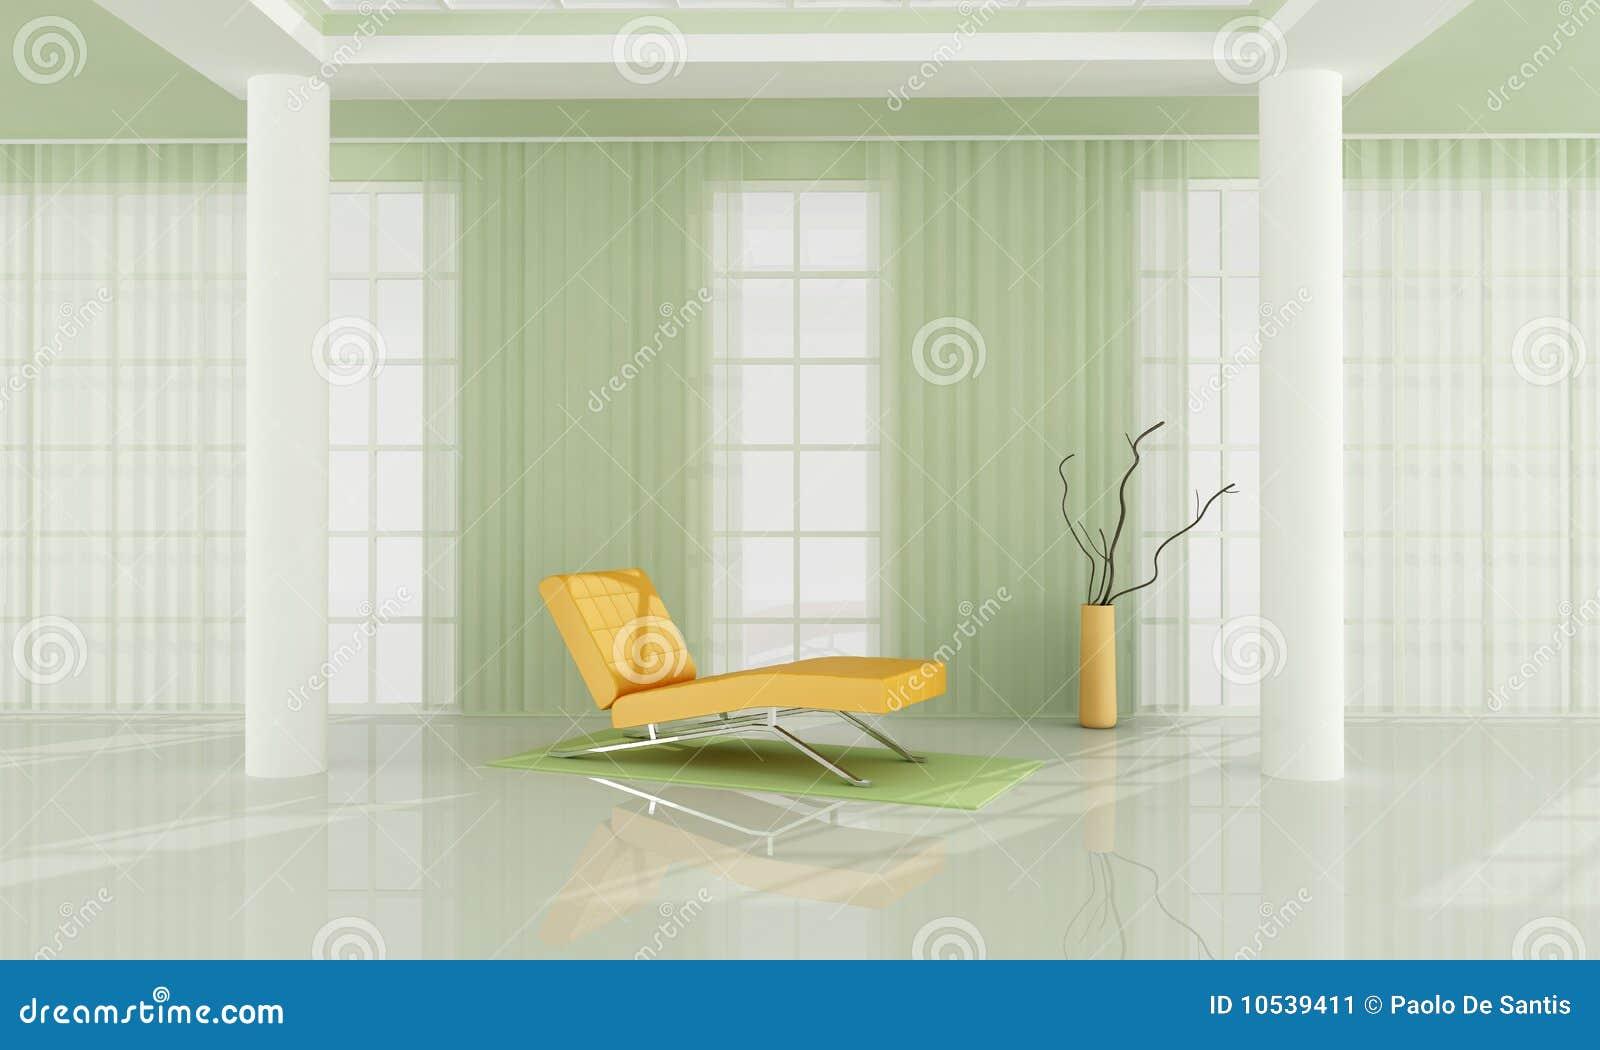 Groene En Witte Woonkamer Stock Afbeelding - Afbeelding: 10539411